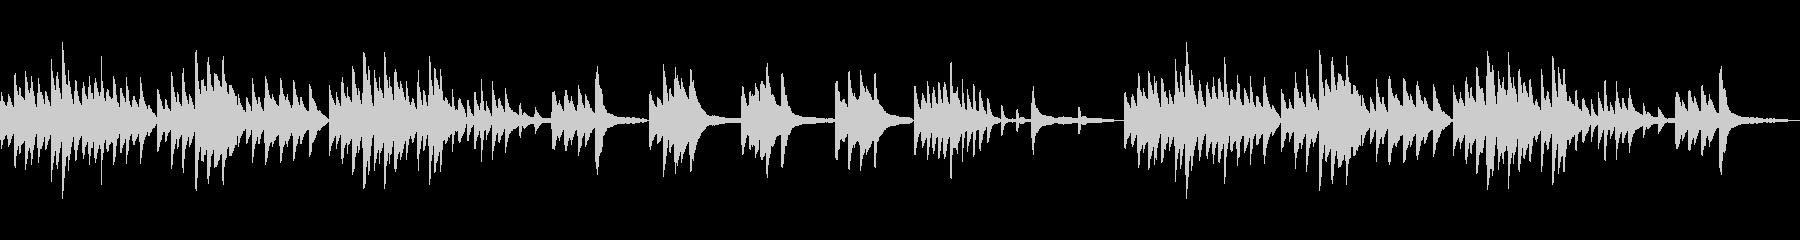 素朴で優しいピアノの曲の未再生の波形